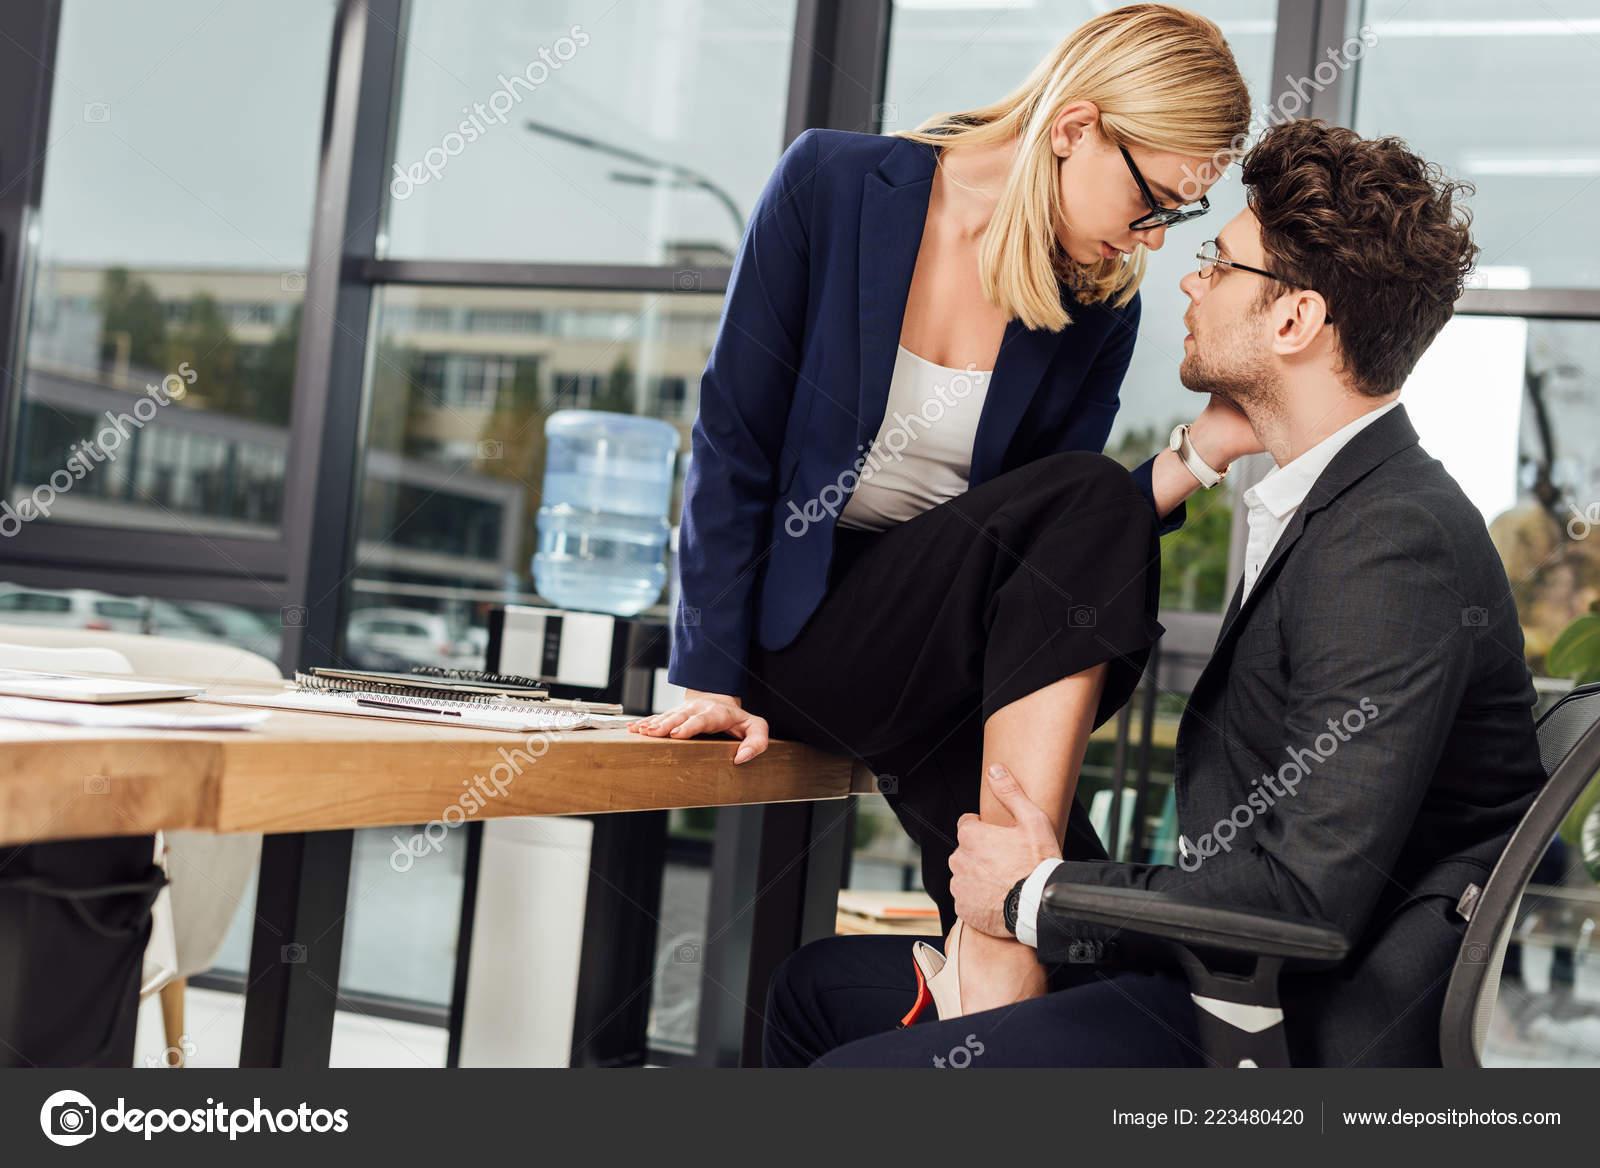 Fröhlicher Mann und Frau arbeiten und Flirten im Business-meeting Stockfotografie - Alamy